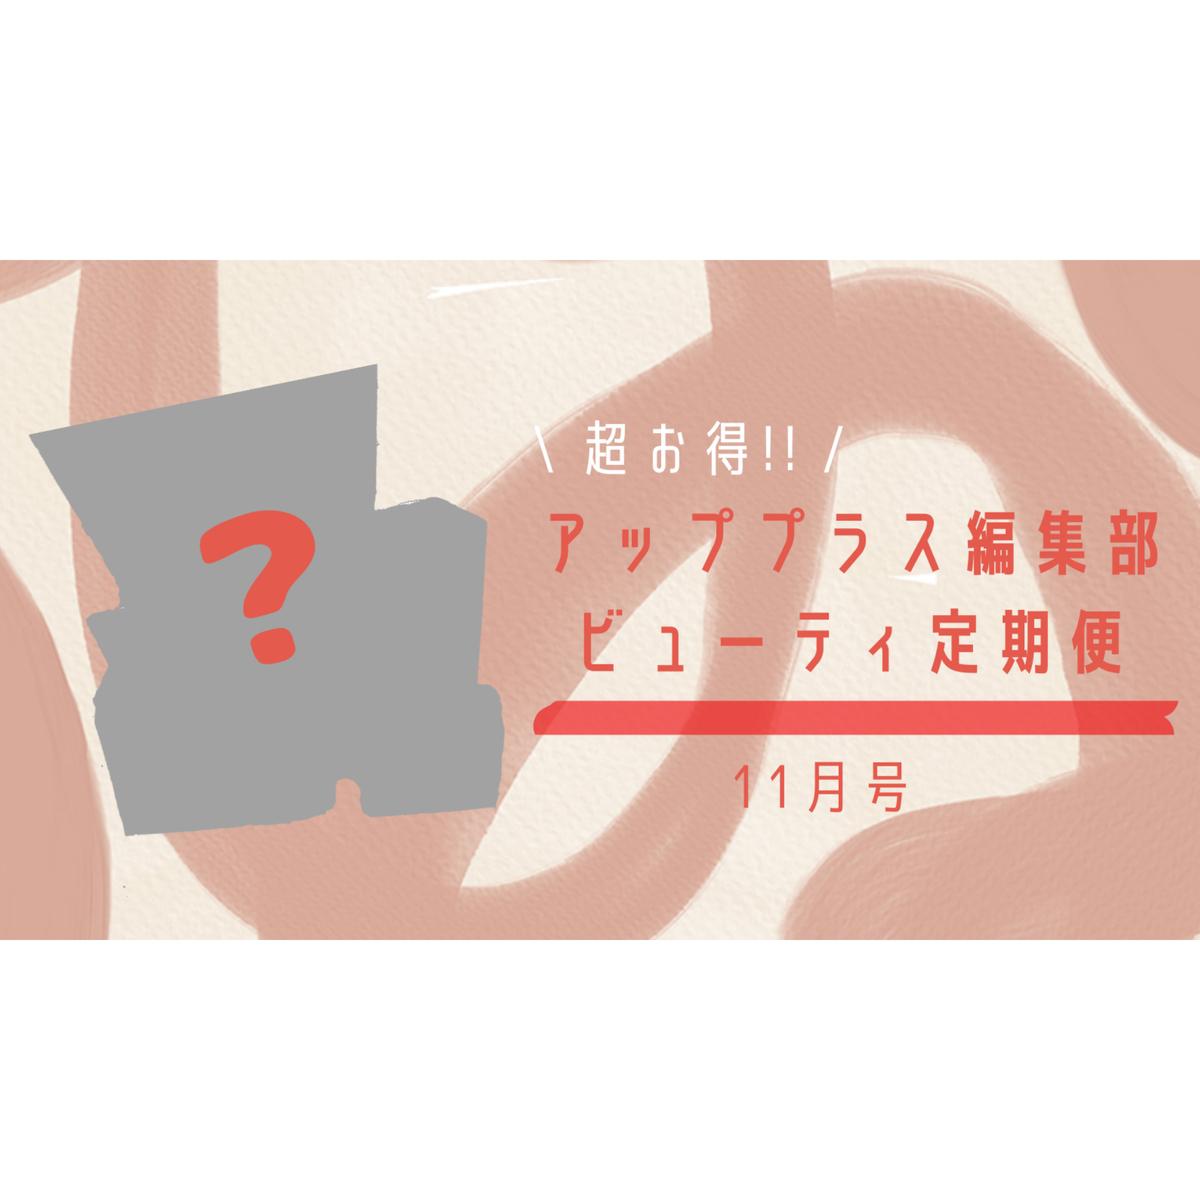 f:id:mana_log:20201014152518j:plain